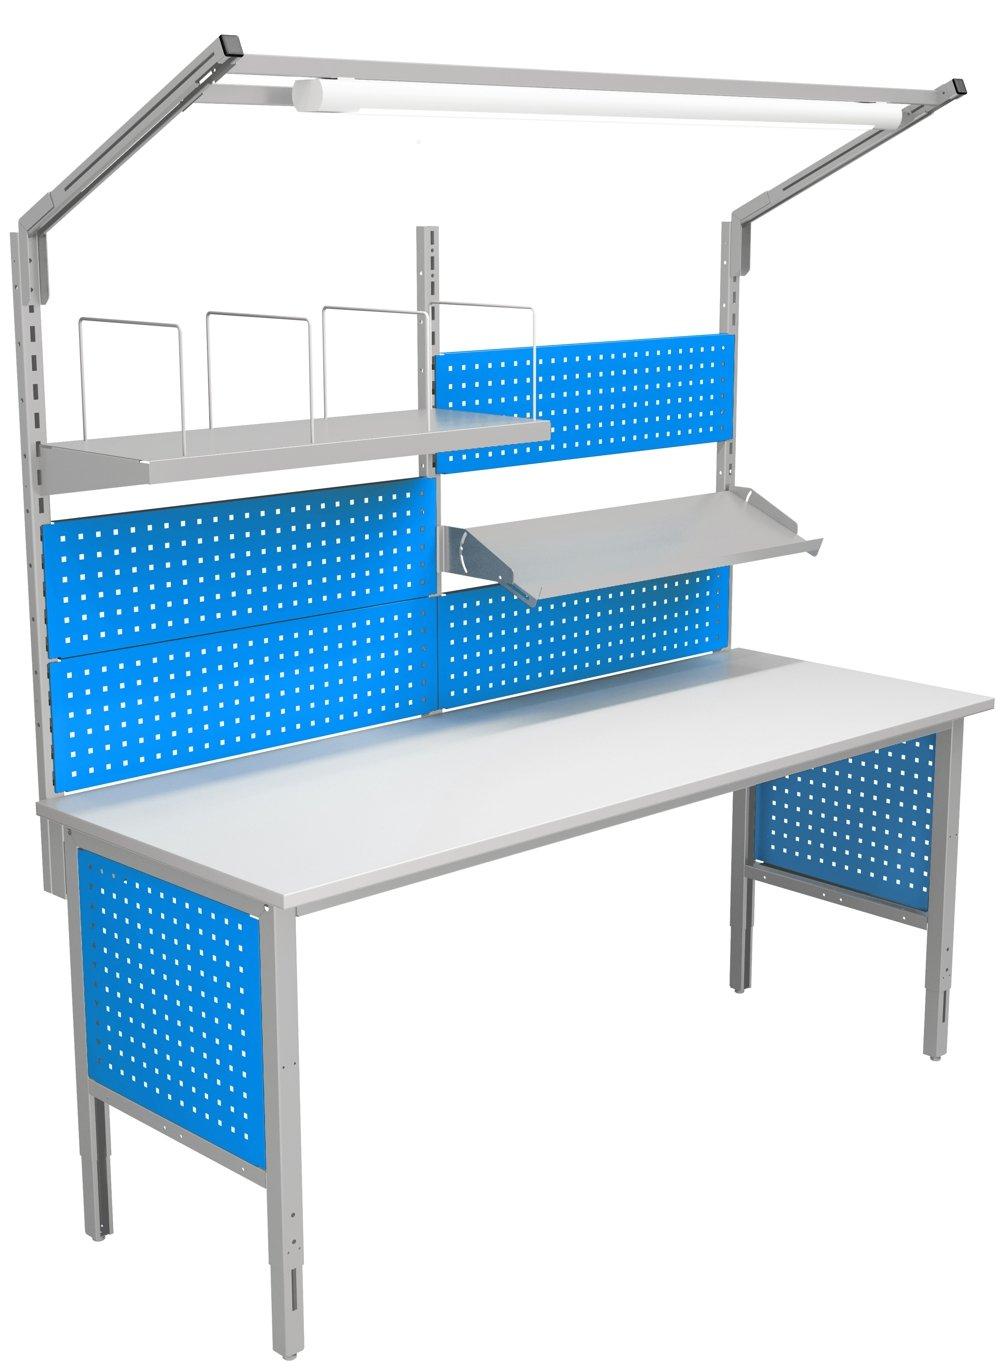 Stół kompletacyjny o szerokości 2000 mm wersja wyposażenia 03